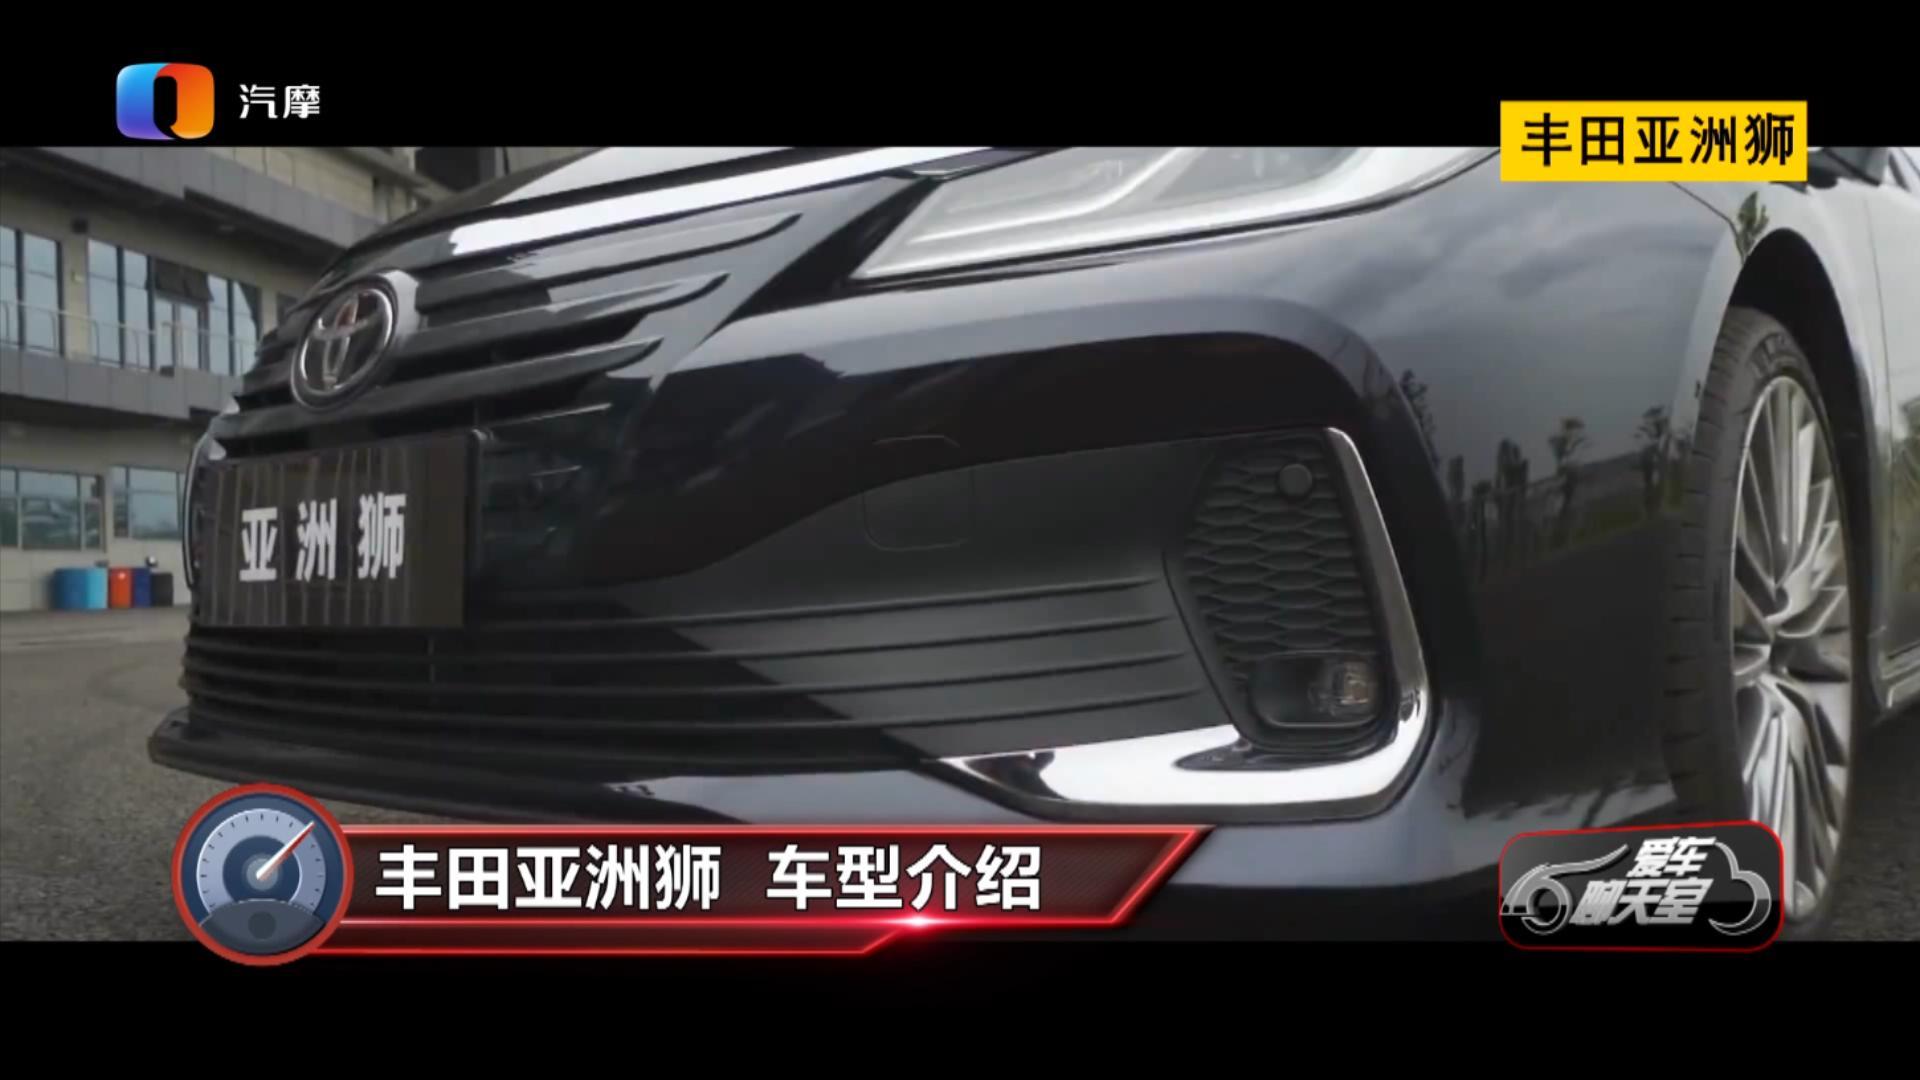 视频:丰田亚洲狮和凌尚这两个车怎么样?应该怎么选?